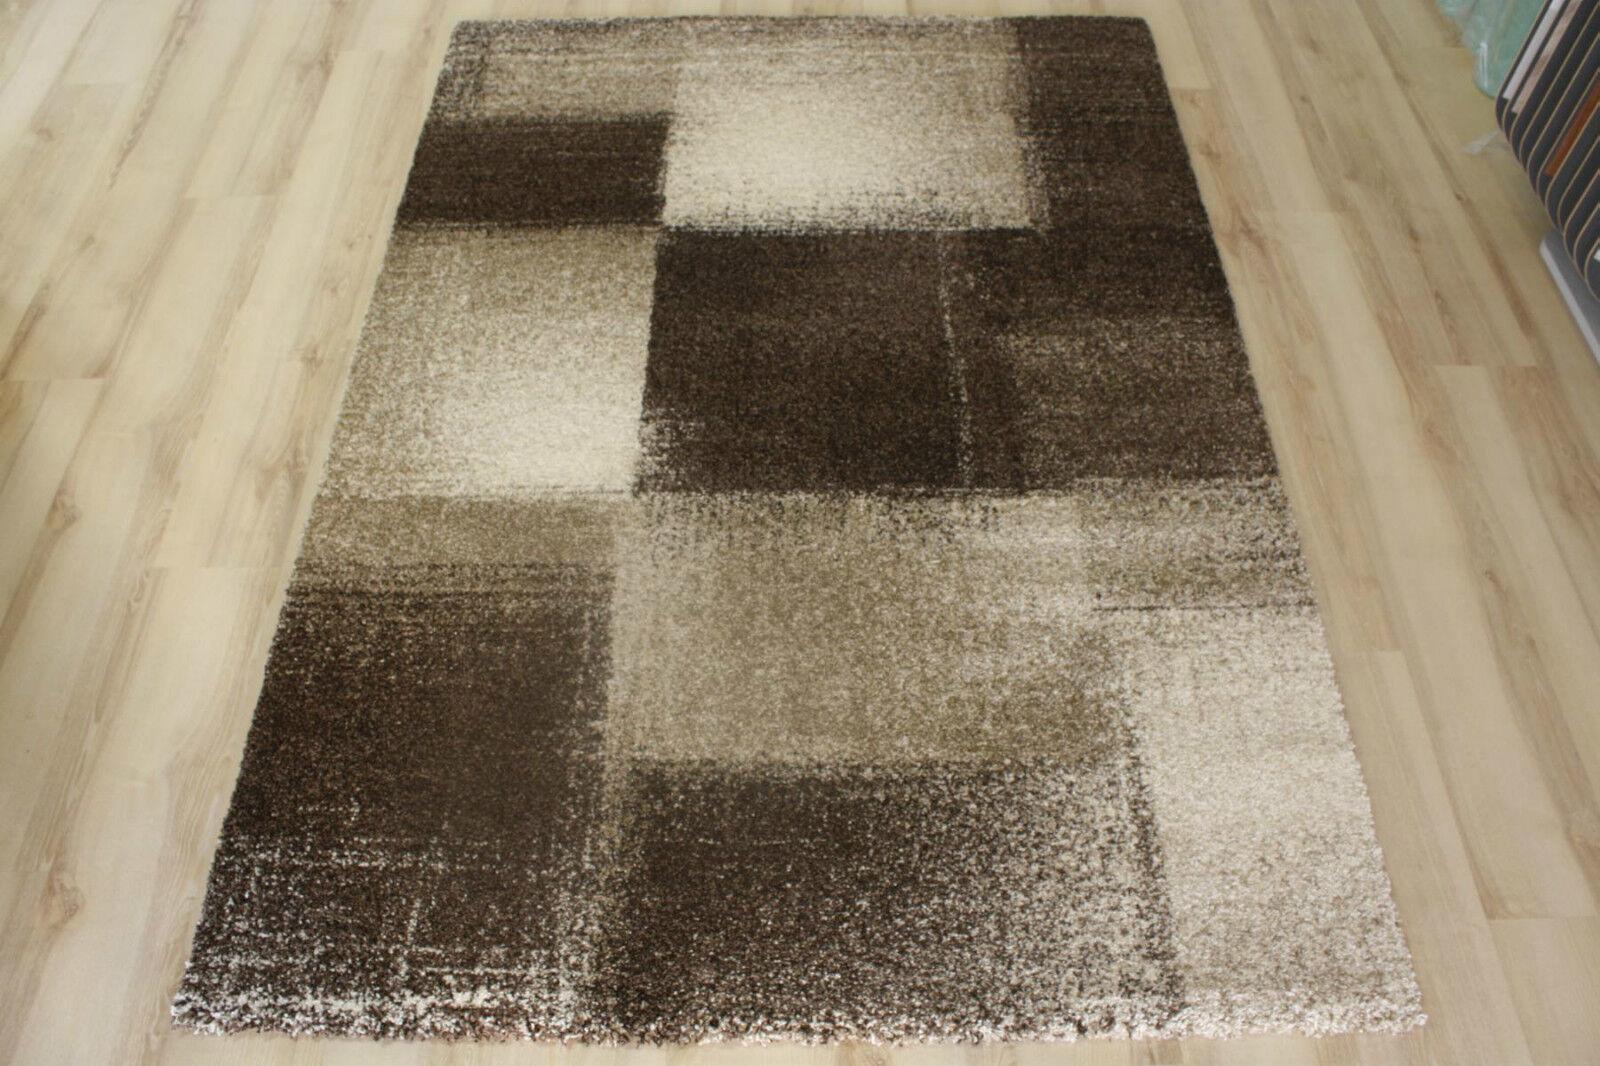 ASTRA samoa tapis 6870 151 060 Marron 200x290cm NEUF